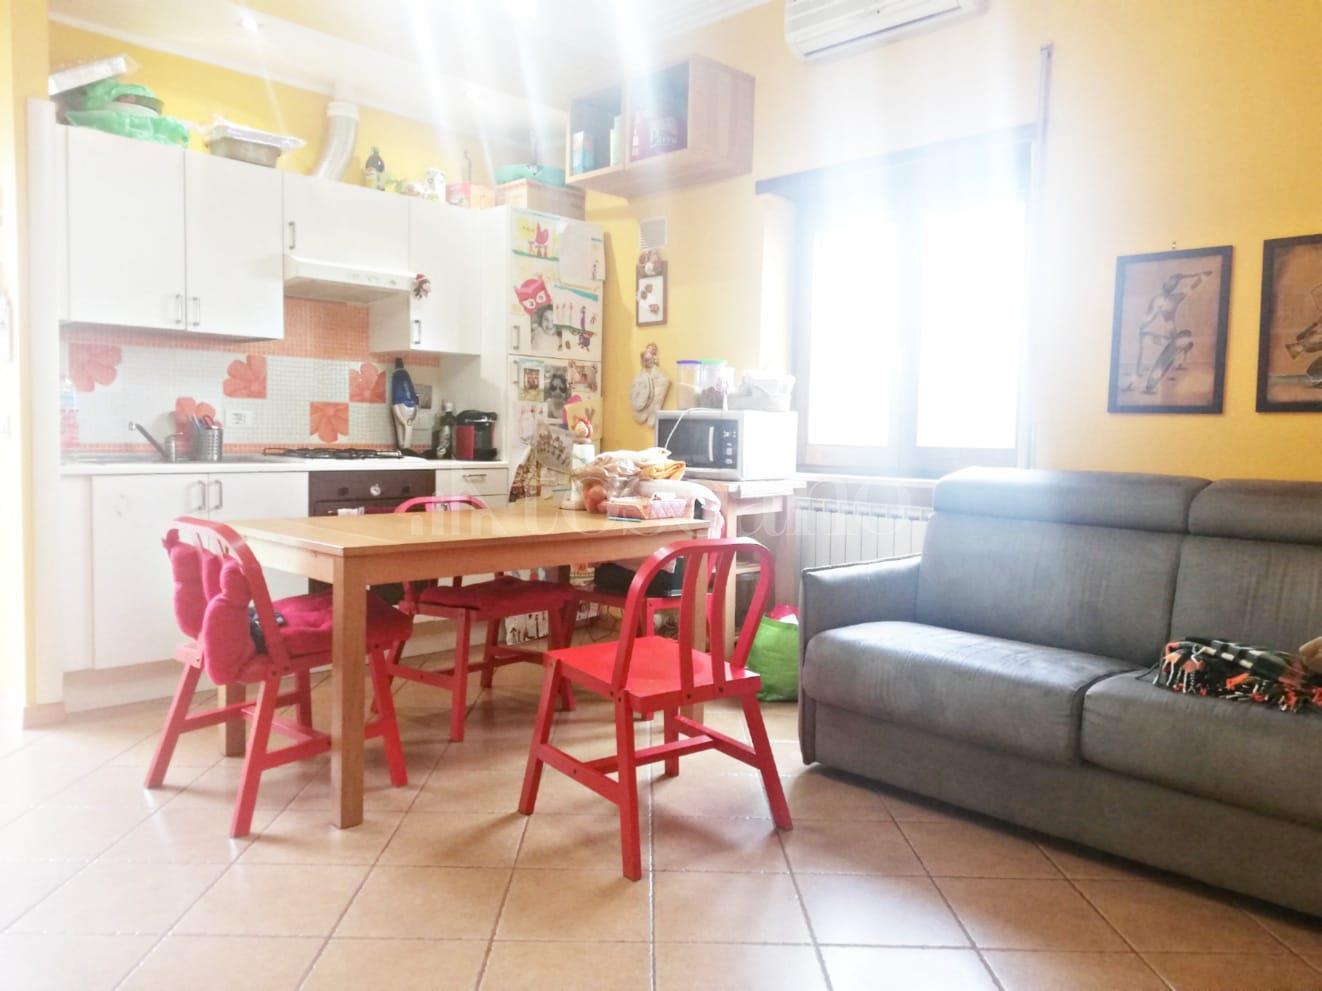 Casa in vendita di 50 mq a €149.000 (rif. 1/2020)